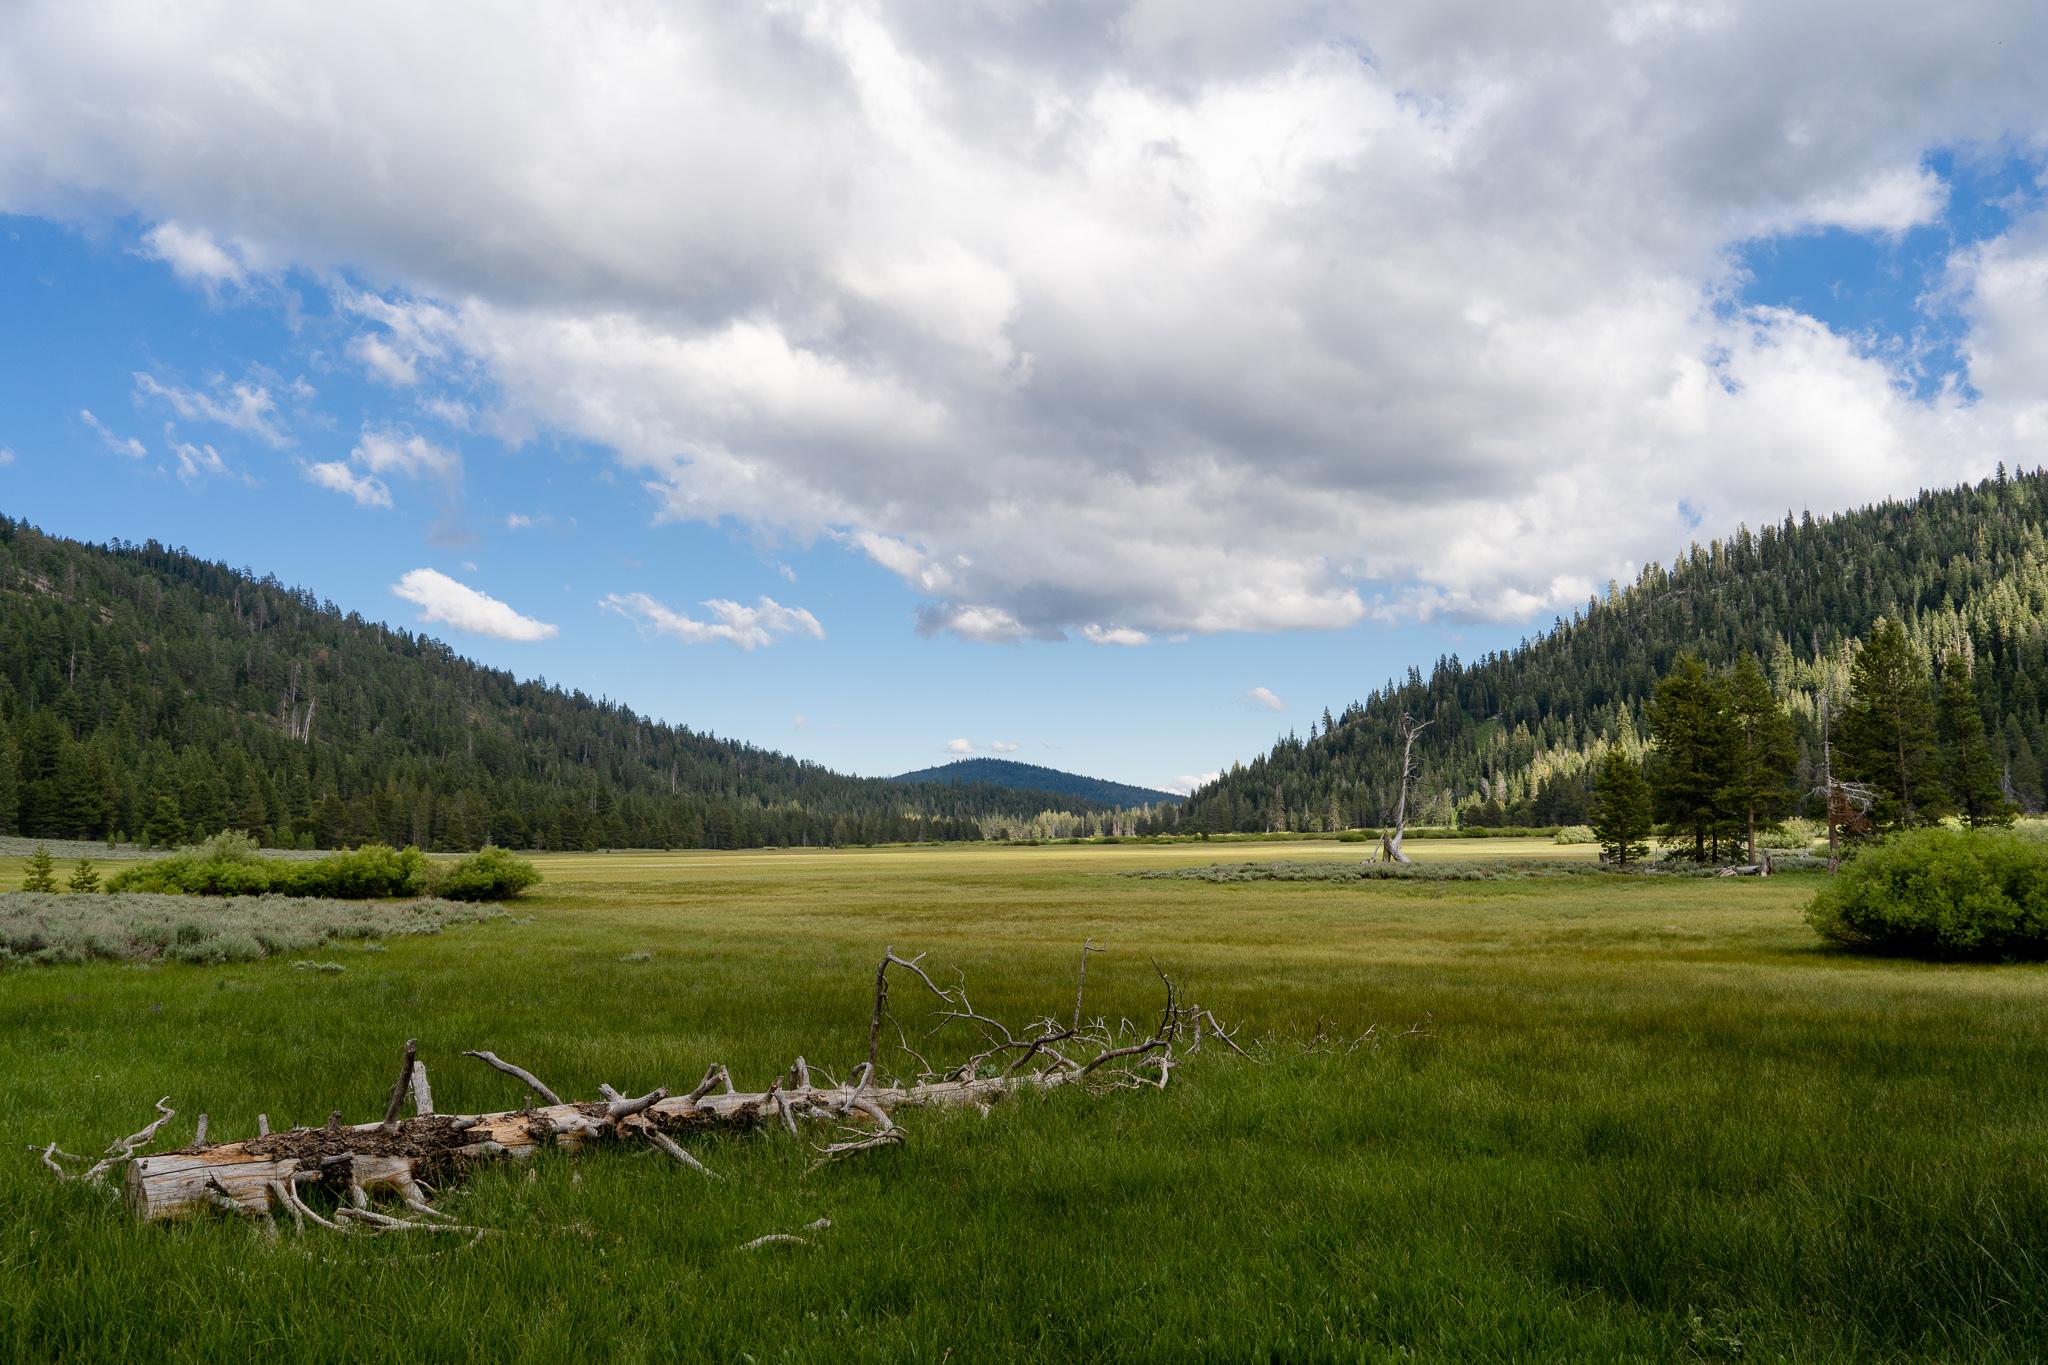 A new trail unlocks the 'secret garden' of the Sierra